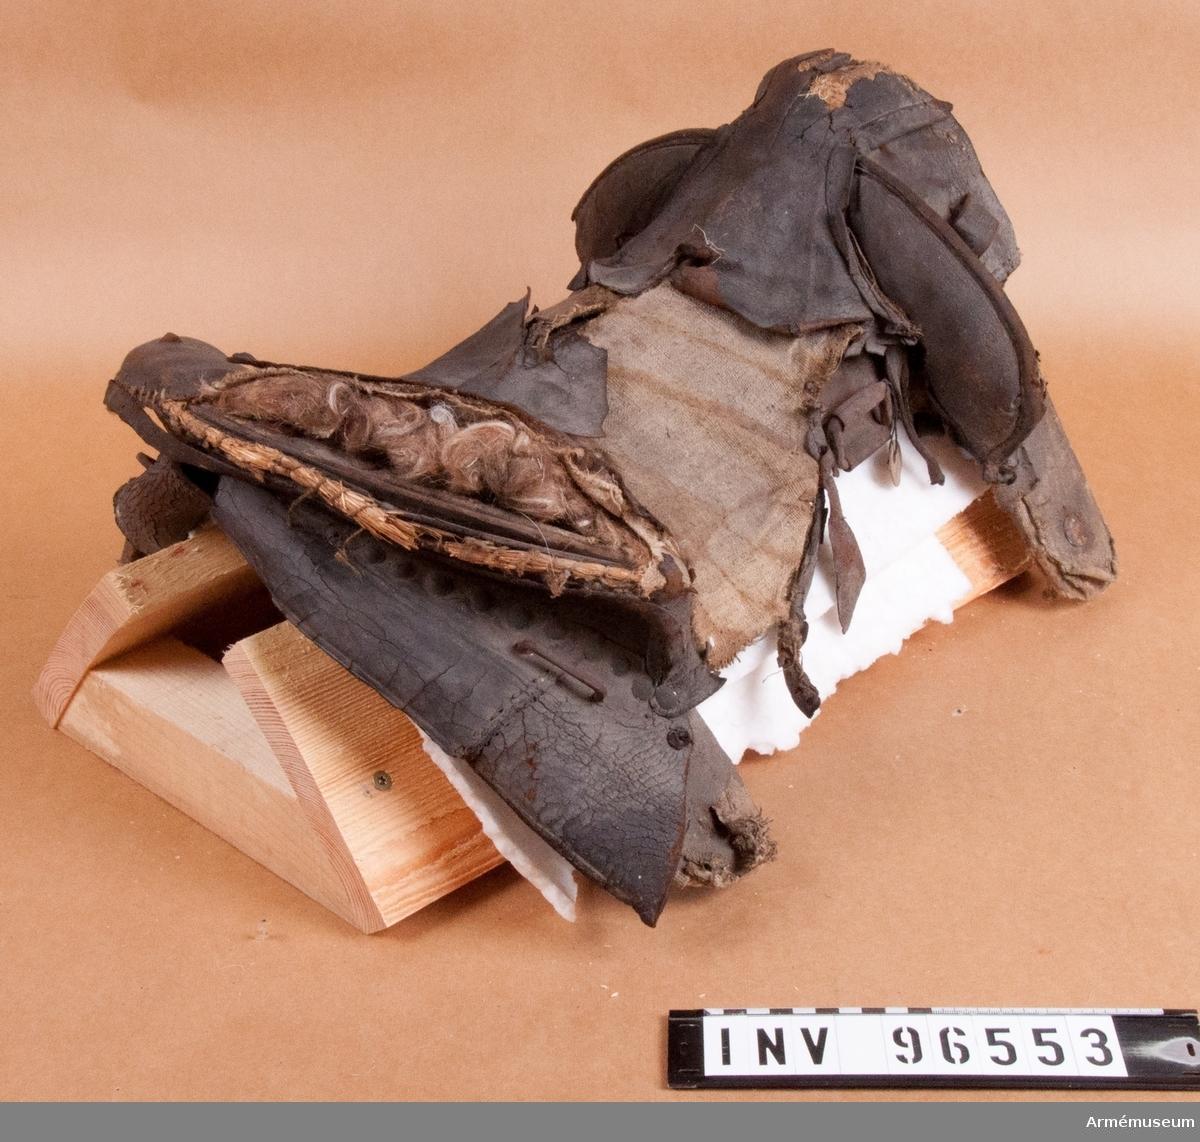 Bomsadel klädd med läder. Troligen av m/1756. Stomme av trä förstärkt med limmad väv samt järnbleck vilka följer hela böjningen av fram och bakbommarna. I de längsgående styckena är järnkrampor för stiglädren fästa. Sadelgjord är fäst i stommen för att bära upp sitsen. Sitsen är mycket trasig. Den består av ett foder av väv samt en överdel i läder. Mellan de två lagren har det har funnits stoppning och de har varit ihopfästa med en stickning som bildat ett diagonalt mönster. Sitsen går fram som en snibb över den plats där en sadelknapp ofta sitter. Bakbommen består av en vävklädd träkärna, stoppning av djurhår samt en klädsel bestående av ett lager väv och ett lager läder. Utmed bakre kanten ligger en snodd av halm som stoppning. Även bakbommen har haft stickning vilken nu försvunnit. Två krampor av järn sitter på höger och vänster sida vid bakbommen. Troligen för de packremmar som ska hålla kappsäcken på plats. Frambommarna är hela men bör vara uppbyggda på samma sätt som bakbommen. Längs framkanten på bommarna är en rad mässingstennlikor fästa såsom på bakkanten av bakbommen. Sadelkappor saknas och det tycks möjligt att dessa har skurits bort avsiktligt. Bossorna är också borta. 2015-10-19 KTS